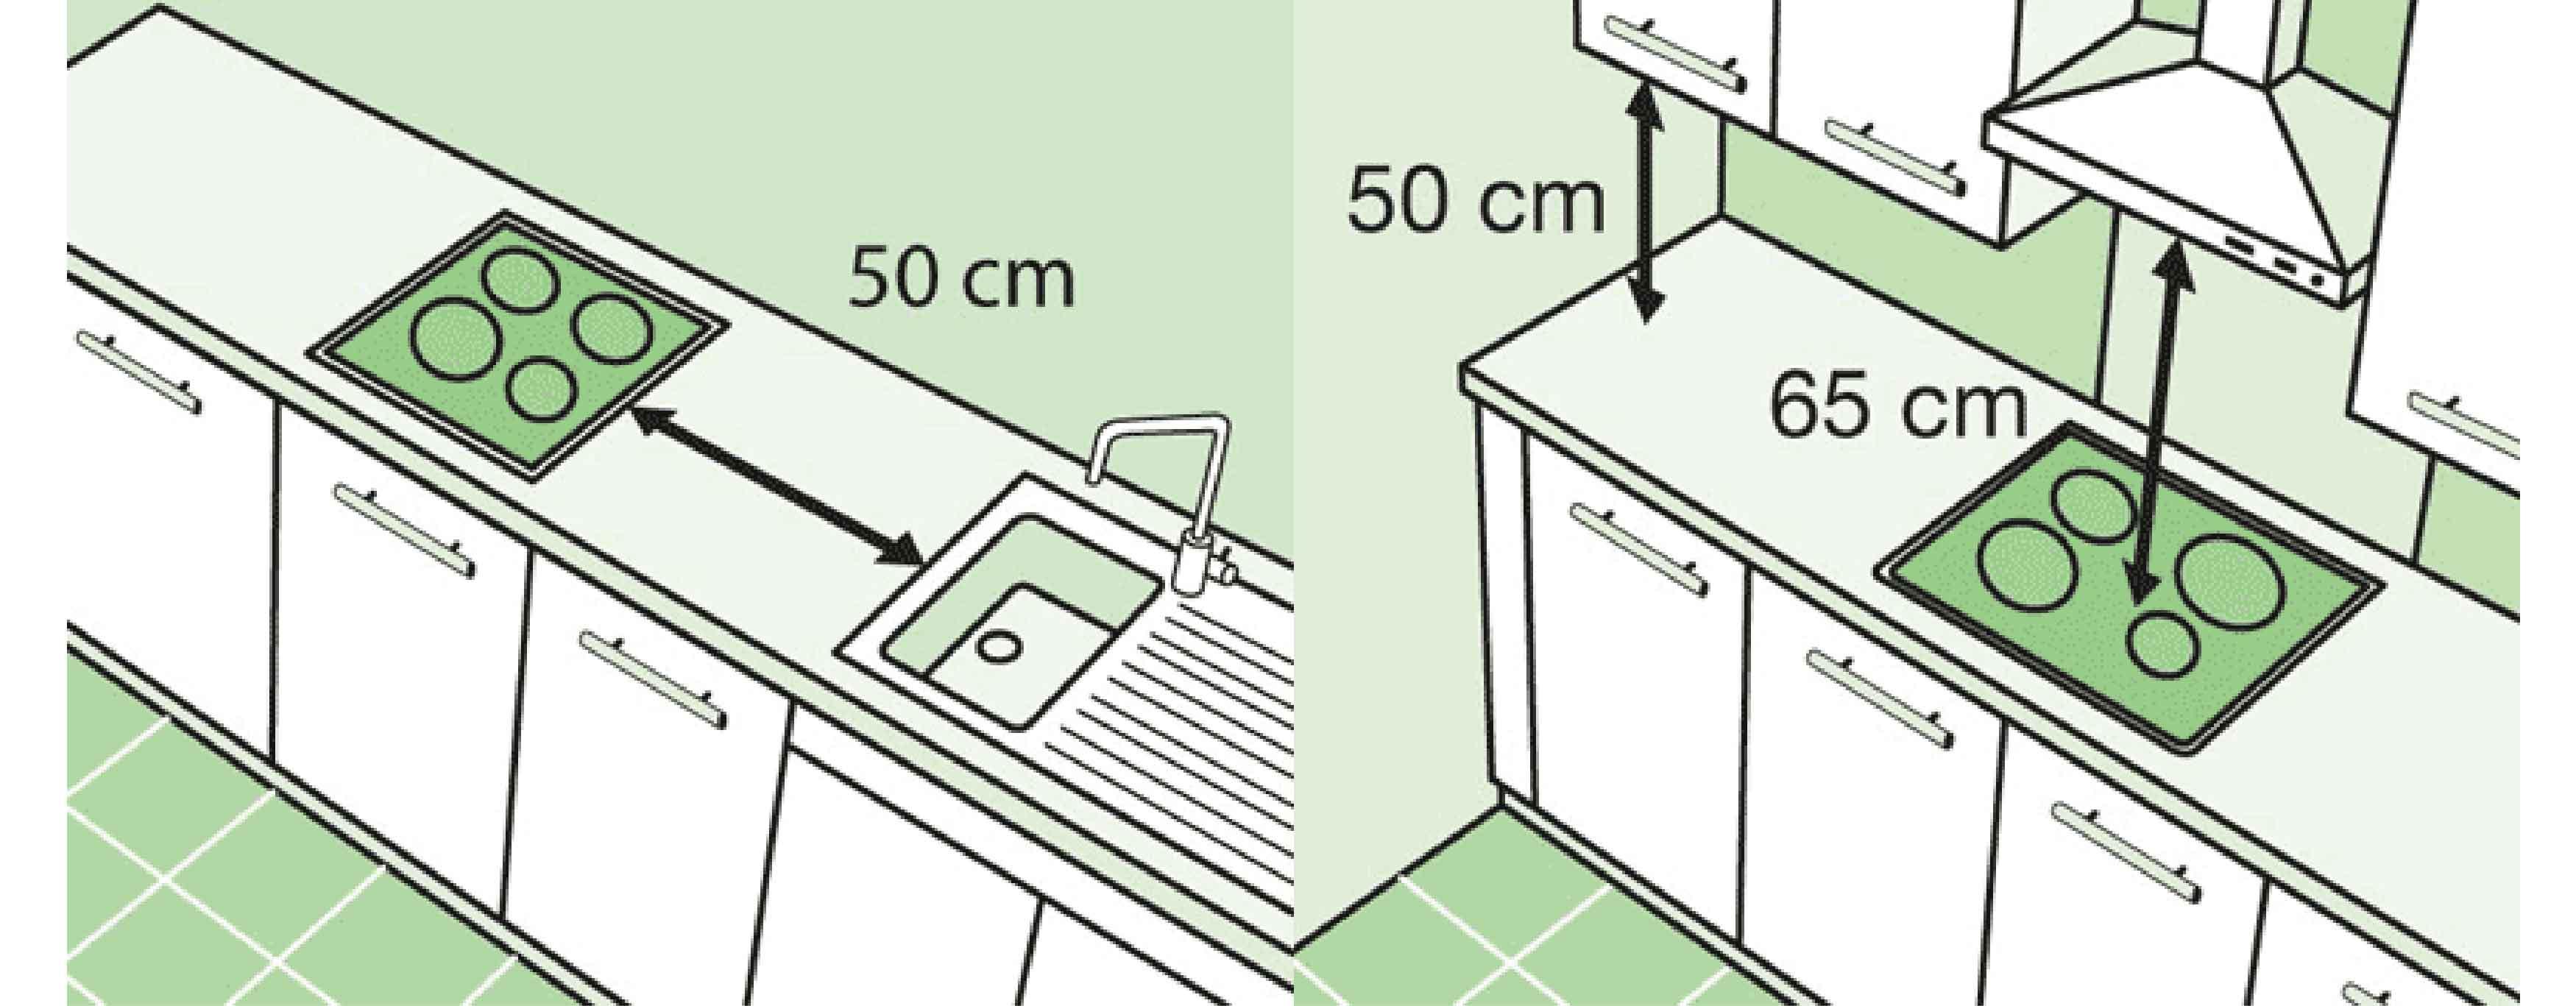 """ตำแหน่งงานระบบไฟฟ้าในครัว ชุดครัวบิ้วท์อินต้องมีการจัดวางตำแหน่งของเครื่องใช้ไฟฟ้าให้สอดคล้องกับสัดส่วนร่างกาย เพื่อให้ใช้งานได้สะดวก ระยะมาตรฐานสำหรับการปล่อยสายไฟต่อไปนี้น่าจะช่วยให้คุณและช่างทำงานร่วมกันได้ง่ายขึ้น ถ้าจะให้ดี ก่อนวางผังครัวตามระยะมาตรฐาน ควรวัดขนาดของเครื่องใช้ที่คุณเล็งไว้ อย่างตู้เย็น เตา อ่างล้างจาน เครื่องดูดครัว หรือตู้เตาอบ เพื่อใช้ประกอบในการวางผัง เผื่อว่า รุ่นที่คุณชอบอาจมีขนาดต่างไปจากแบบมาตรฐานทั่วไป เช่น อ่างล้างจานที่ลึกพิเศษ หากติดตั้งที่ระยะความสูงเคาน์เตอร์มาตรฐาน อาจทำให้ล้างไปปวดหลังไปเพราะต้องก้มมากกว่าปกติ เป็นต้น ระบุในแบบก่อสร้างว่า """"ปล่อยสายสำหรับเตาอบ เครื่องดูดครัว และเตา เจาะช่องปล่อยสายสำหรับไมโครเวฟใส่ปลั๊กอเนกประสงค์"""" ระยะมาตรฐานเกิดจากการหาค่าเฉลี่ย จึงสามารถยืดหยุ่นได้ คุณอาจทดลองหาระยะที่พอดีกับร่างกายและการใช้งานต่างๆของคุณเอง โดยเฉพาะกิจกรรมที่ต้องทำต่อเนื่องเป็นเวลานาน เช่น ล้างจาน หรือเตรียมอาหาร อาจใช้เฟอร์นิเจอร์ที่มีอยู่ เช่น ลองหั่นผักบนโต๊ะเพื่อหาความสูงของเคาน์เตอร์ครัวที่สบายสำหรับคุณ หรือไปทดลองกับโชว์รูมห้องครัว เช่น ลองเอื้อมมือเปิดปิดตู้แขวน ลองทำท่าล้างจาน แล้วสังเกตตัวเองว่ารู้สึกสบายกับระยะเหล่านั้นหรือไม่ ถ้าใช่ก็จัดการวัดระยะและจดบันทึกเป็นมาตรฐานส่วนตัวได้"""